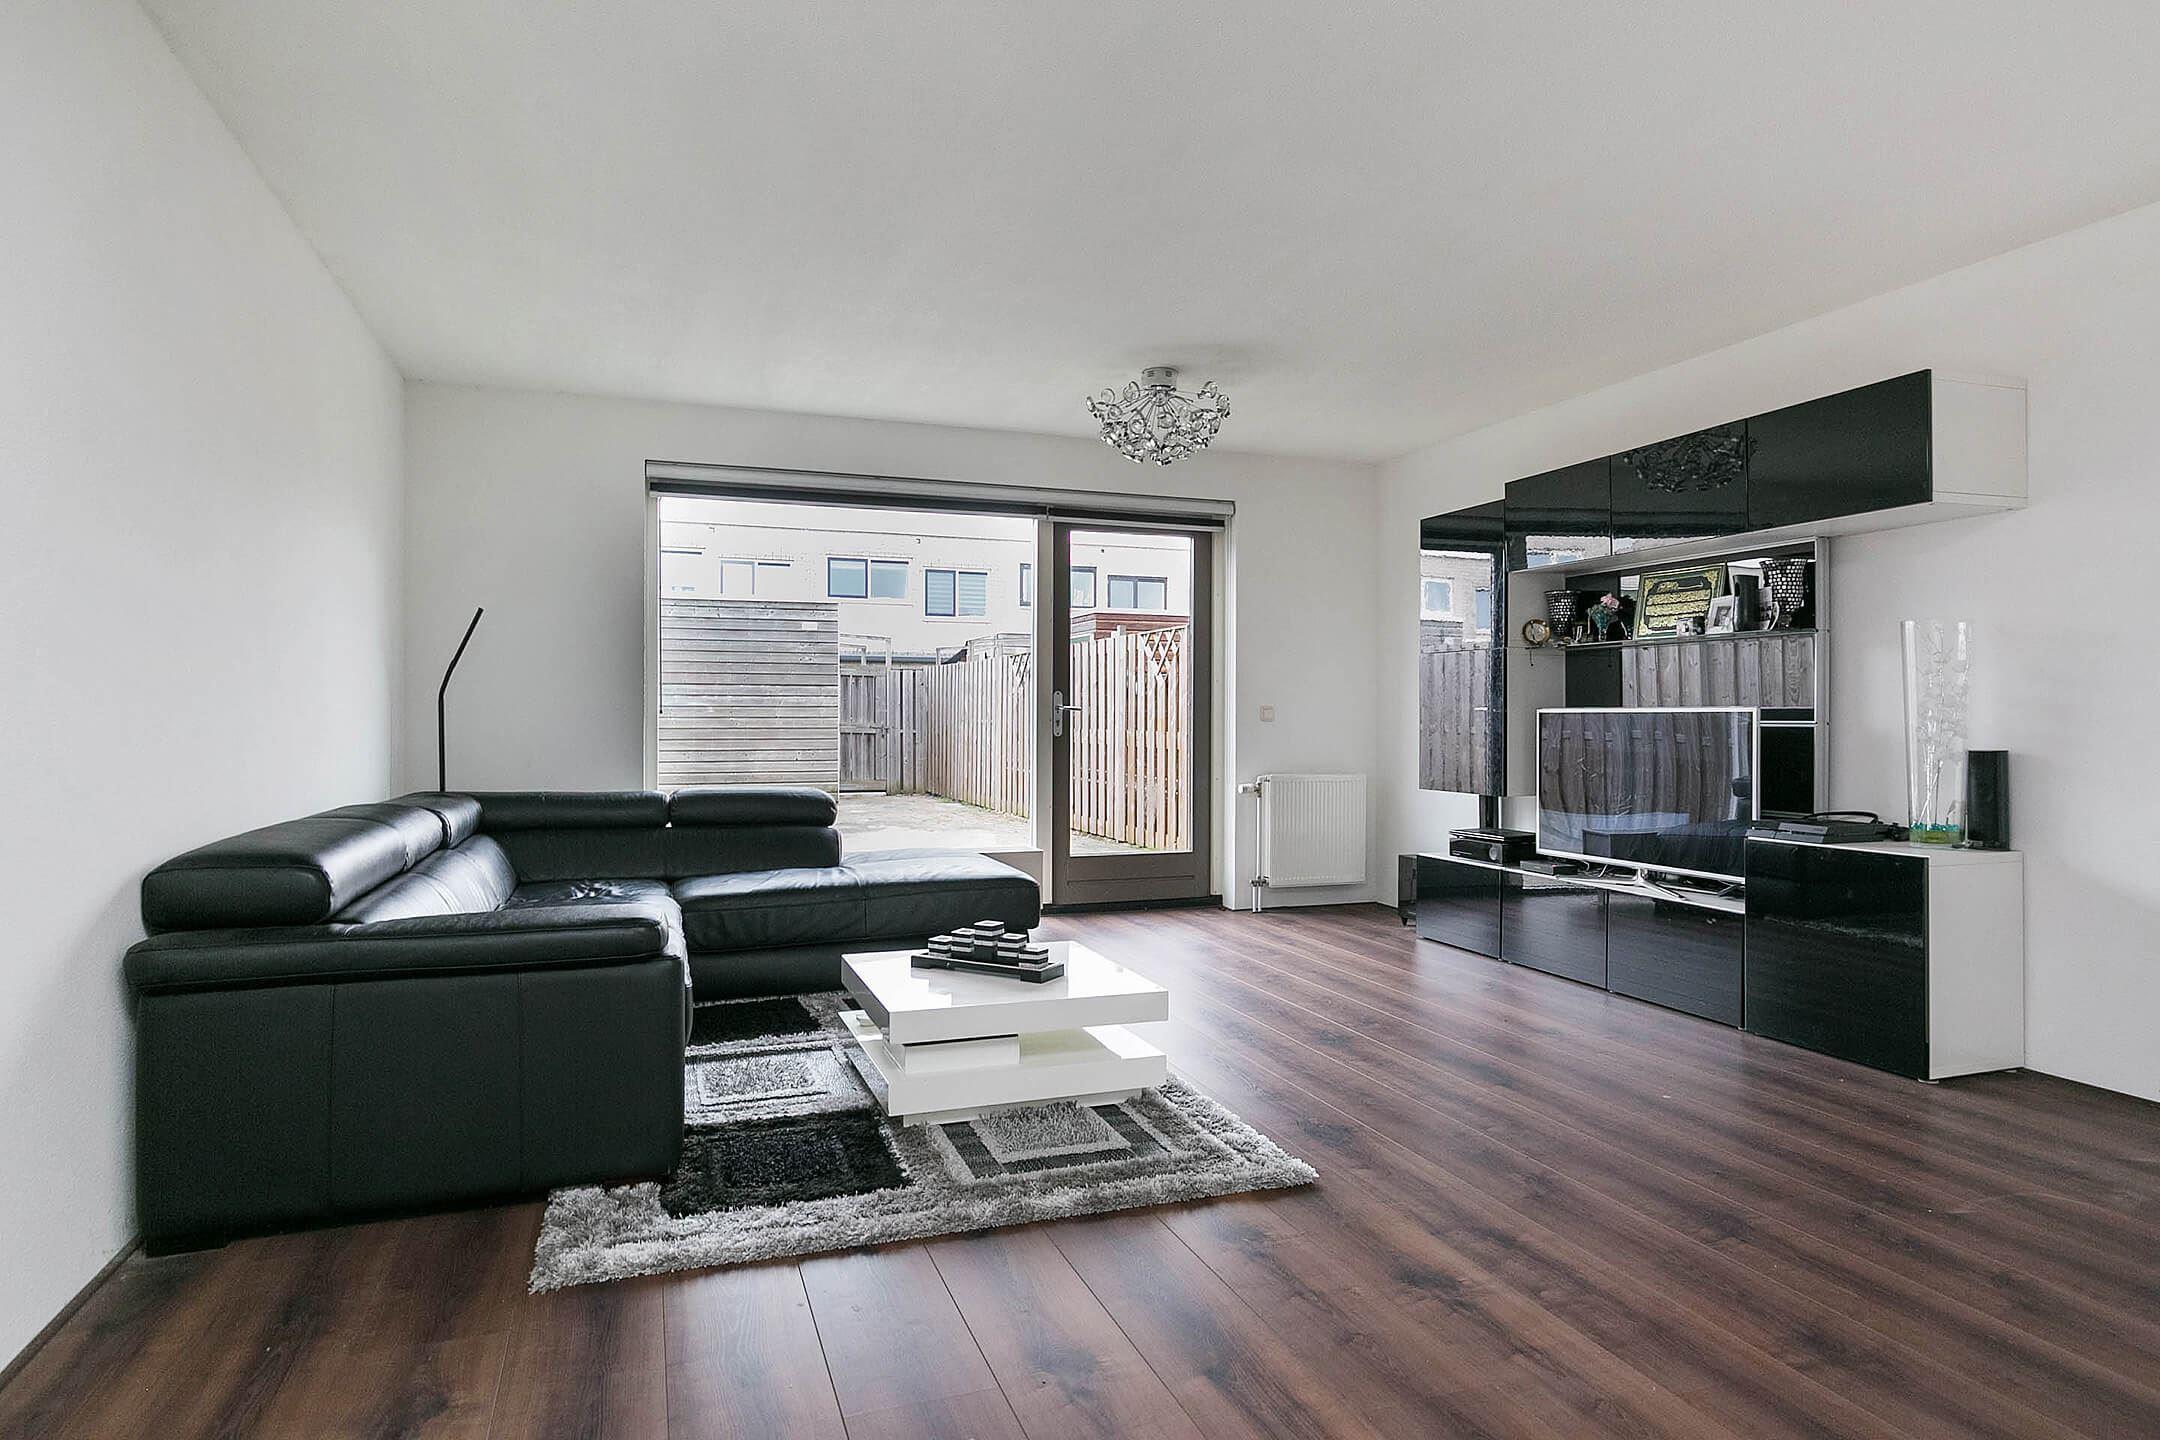 Verkocht gr newaldstraat 43 1328 vb almere funda - Foto moderne inbouwkeuken ...